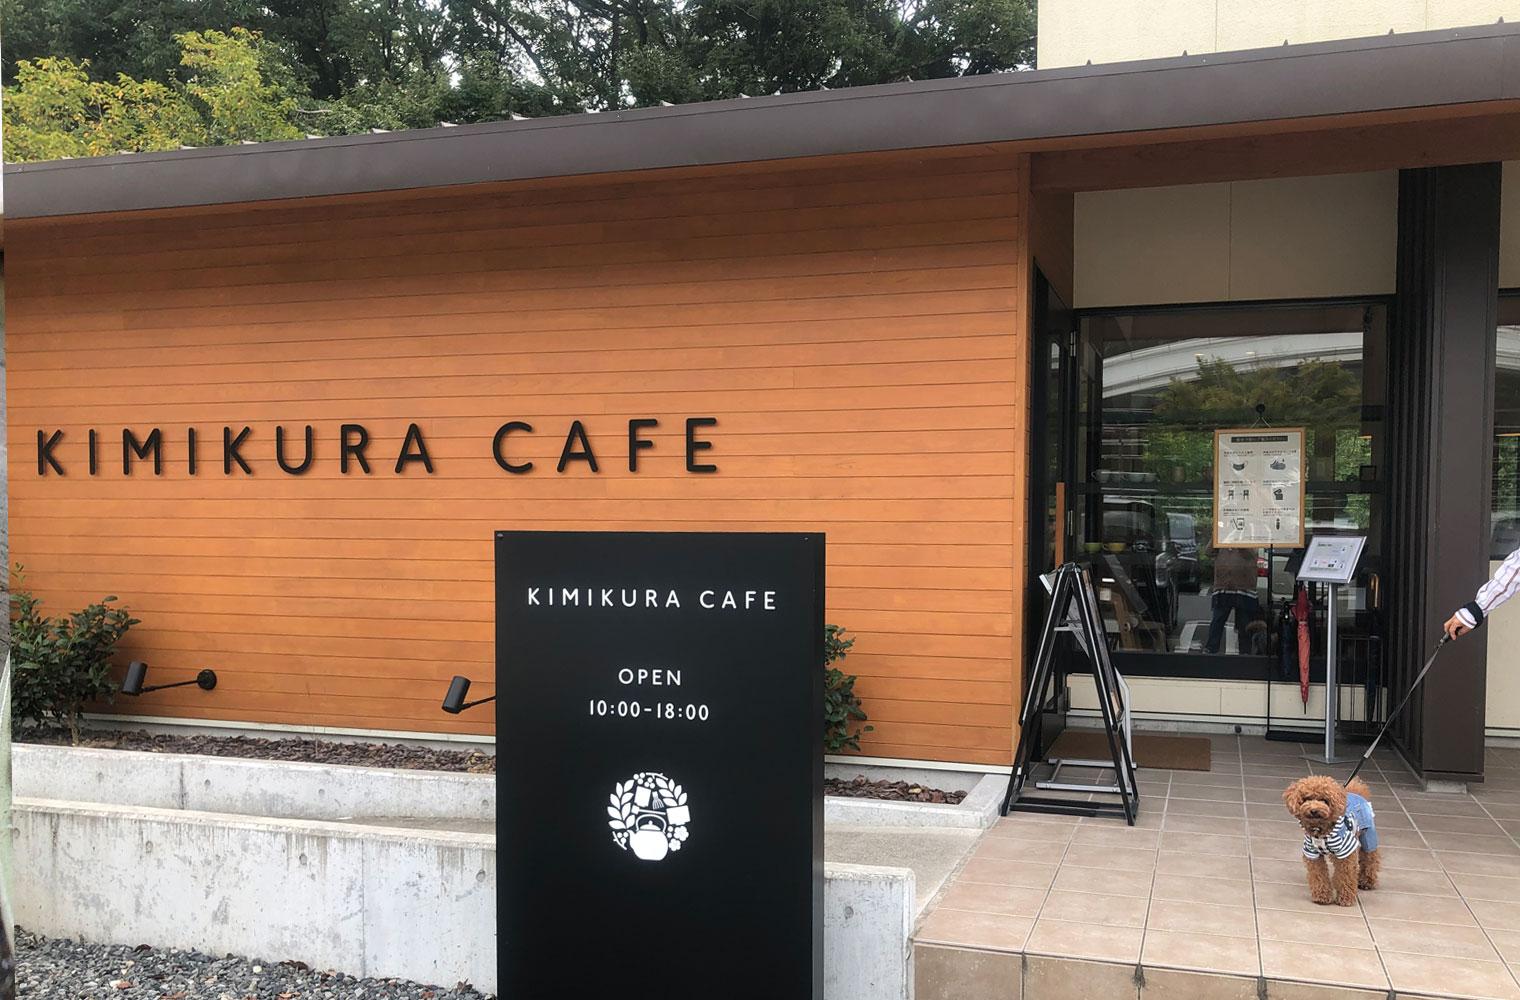 きみくらカフェ(KIMIKURA CAFE)-掛川市大池(テラスわんちゃんOK)